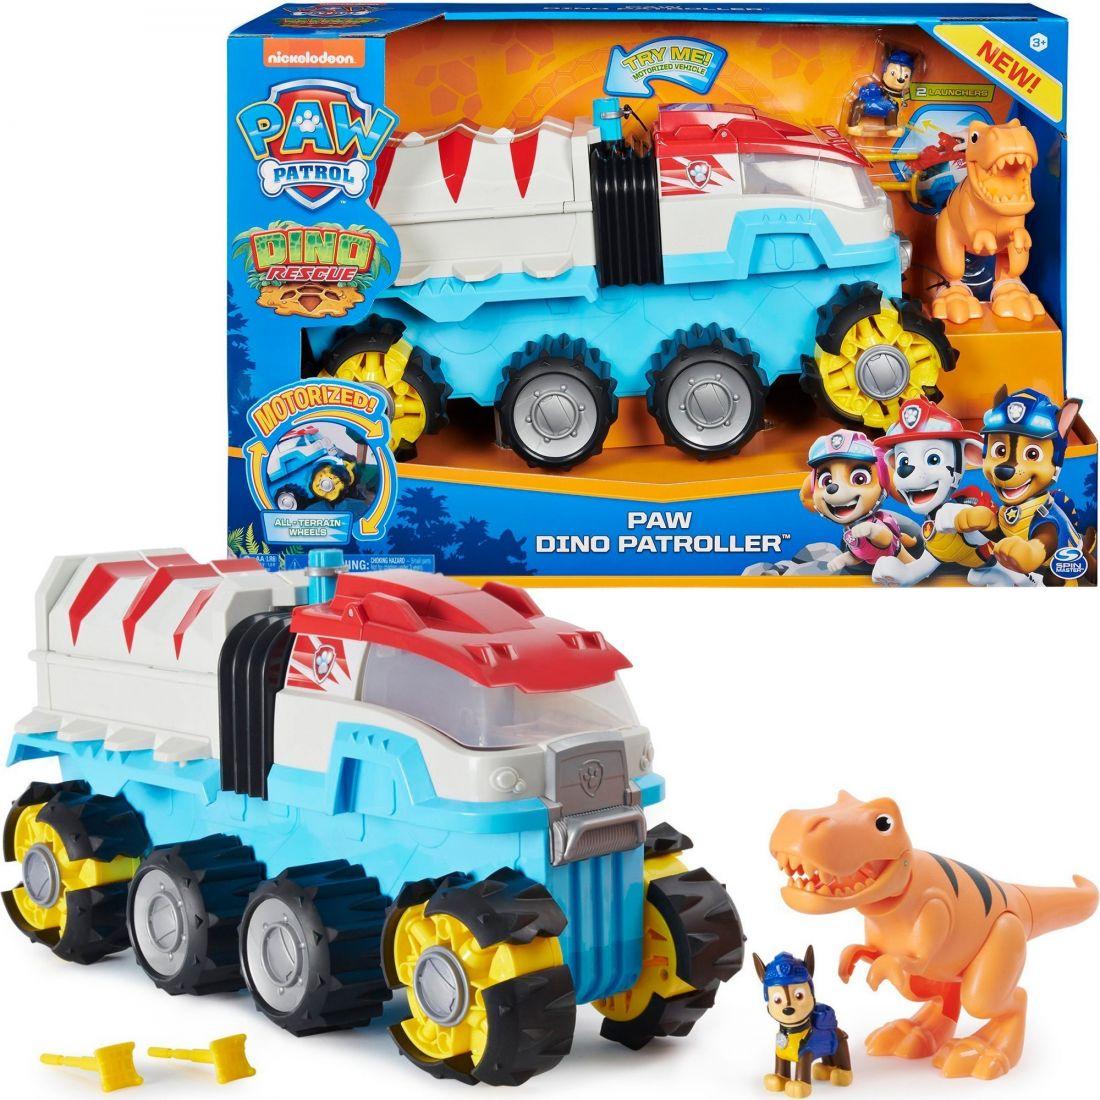 Щенячий патруль Paw Patrol вездеход + динозавр 6058905